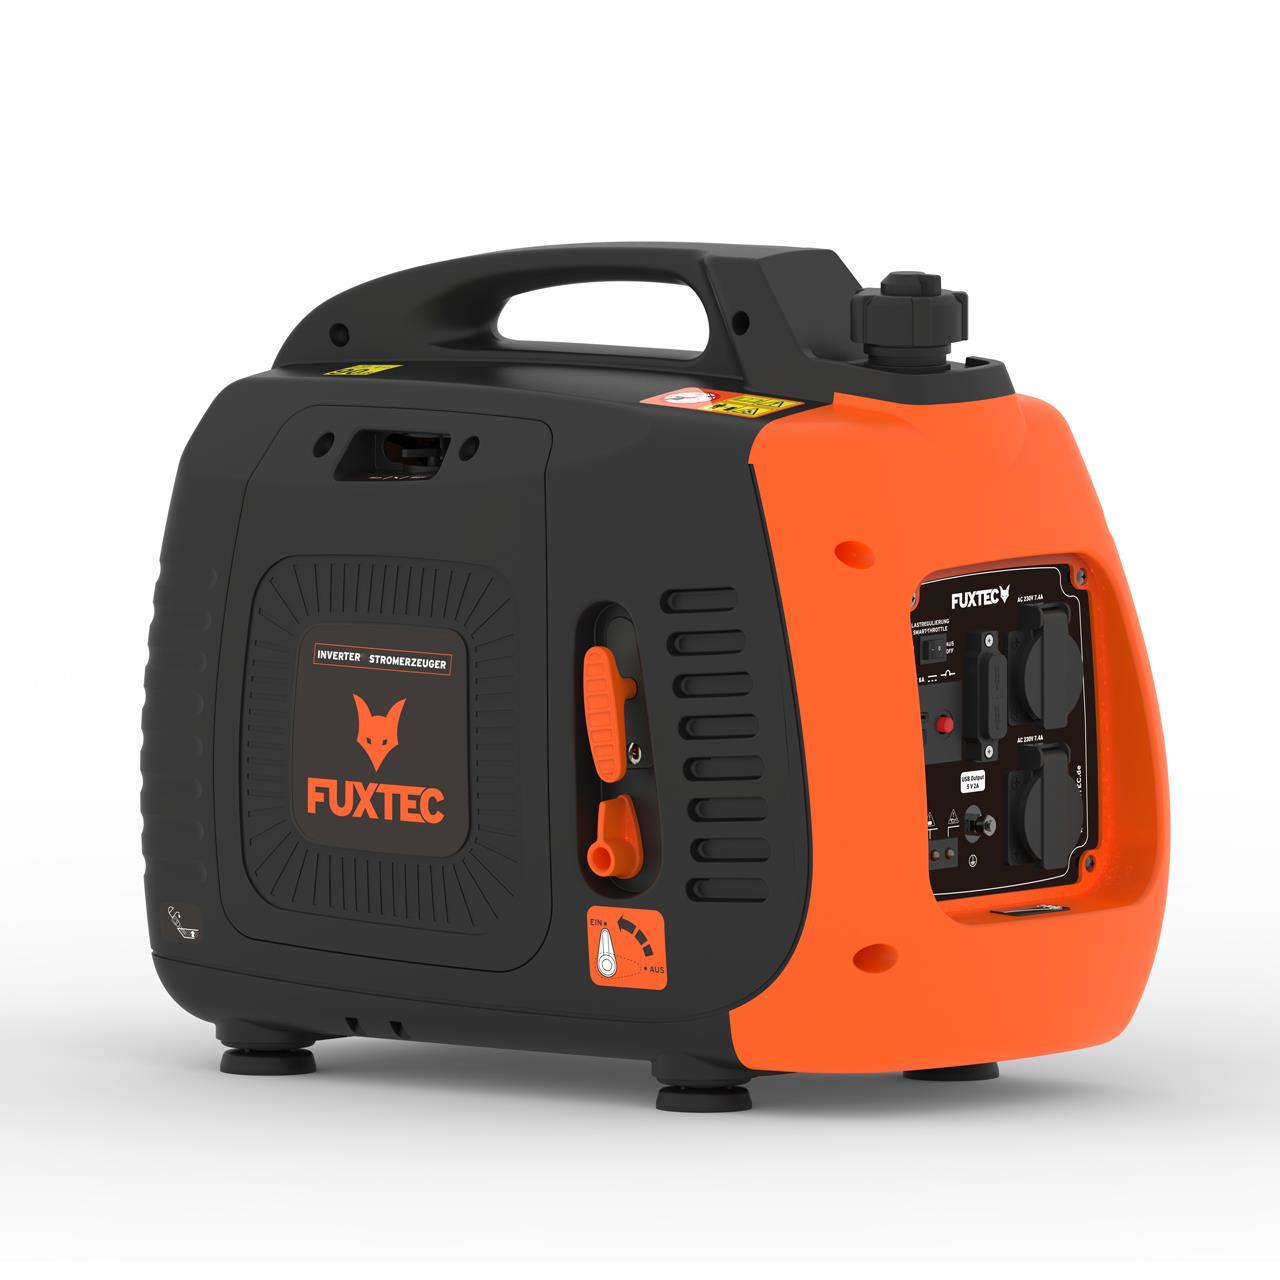 FUXTEC FX-IG12 Inverter Stromerzeuger